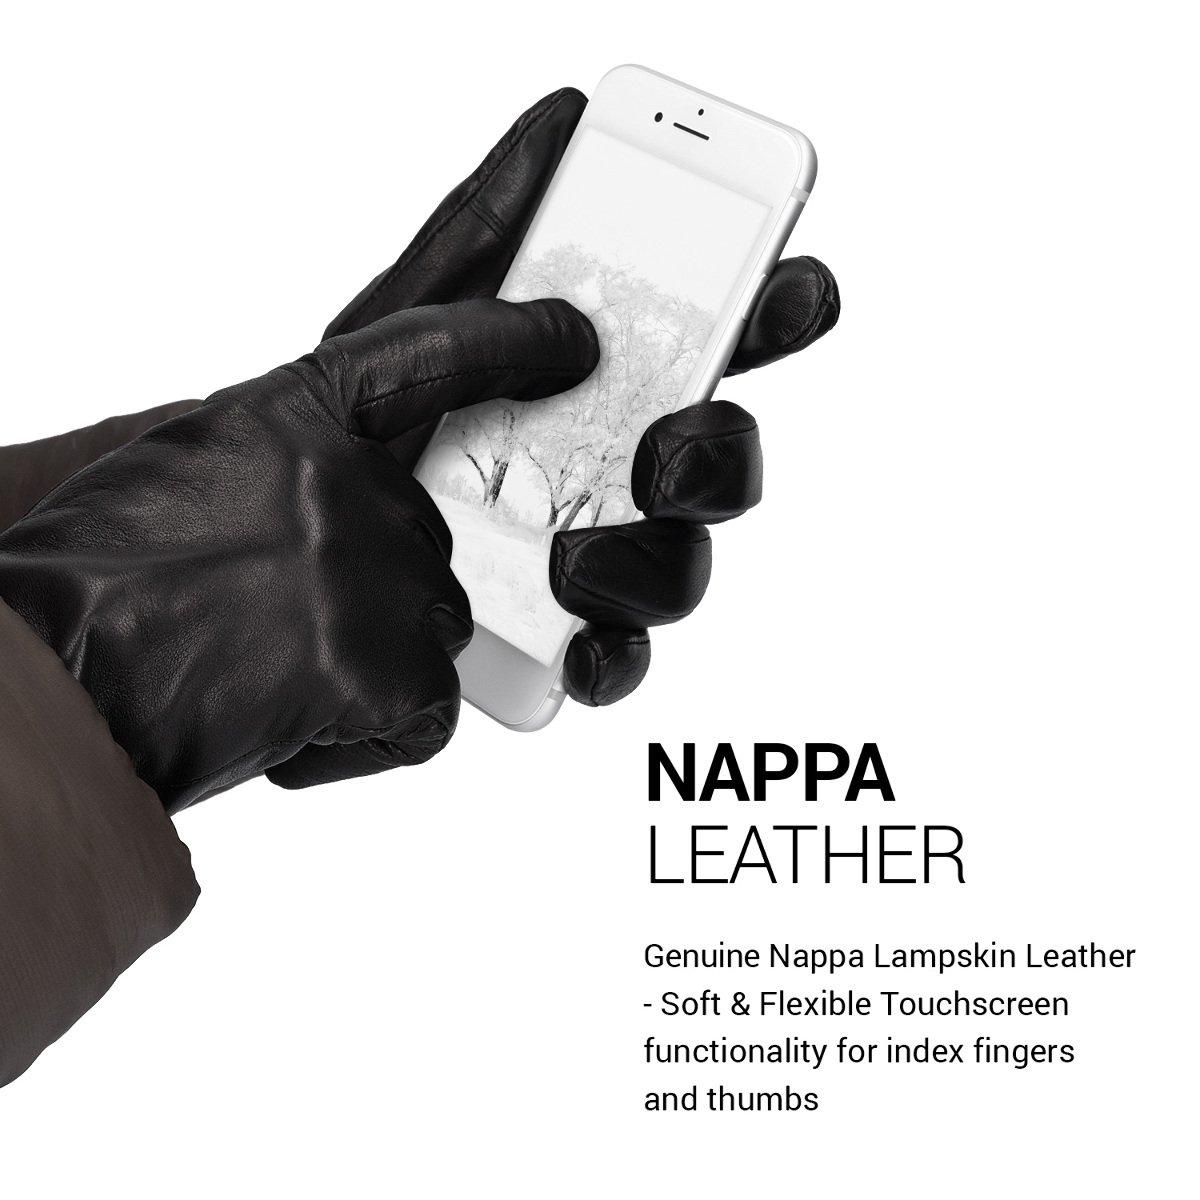 L Nero Navaris Guanti Capacitivi Touchscreen Donna in Vera Pelle con Fodera Cashmere Lana Guanti in Nappa Touch Screen per Smartphone Tablet